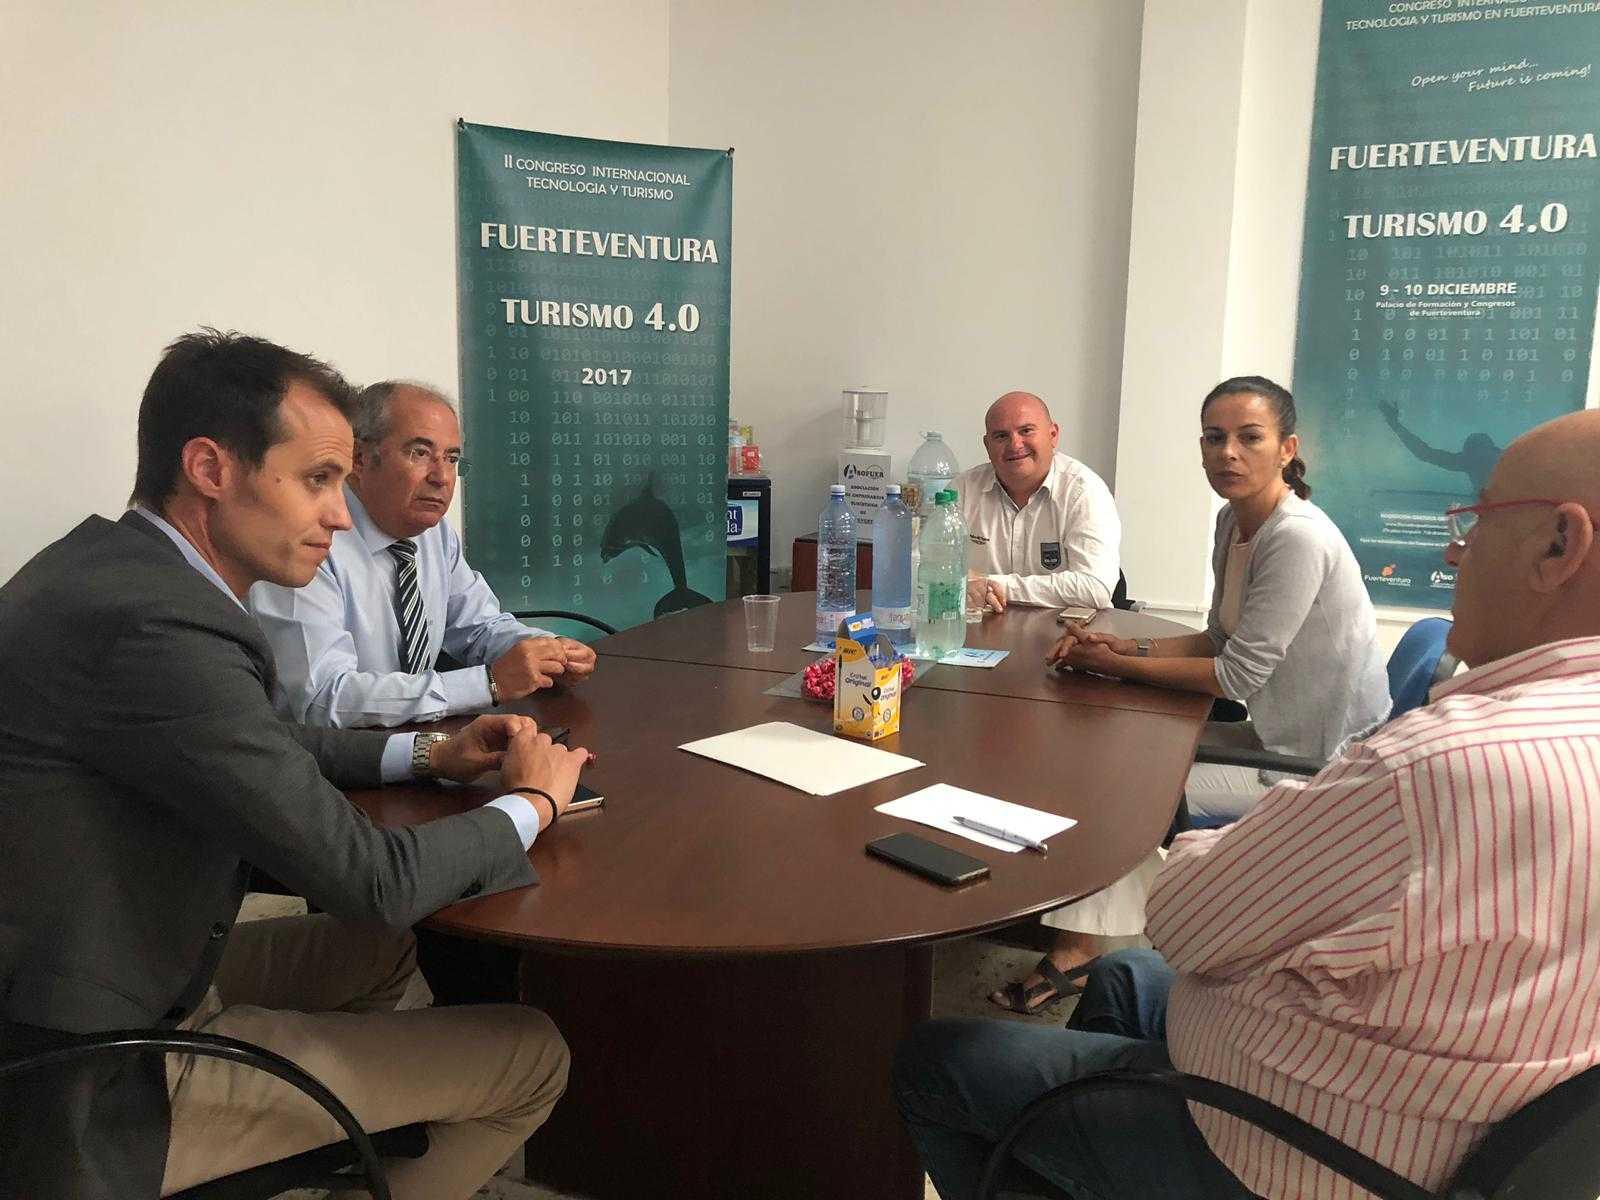 Gehocan y Asofuer colaboran para potenciar el conocimiento en los departamentos de Recursos Humanos